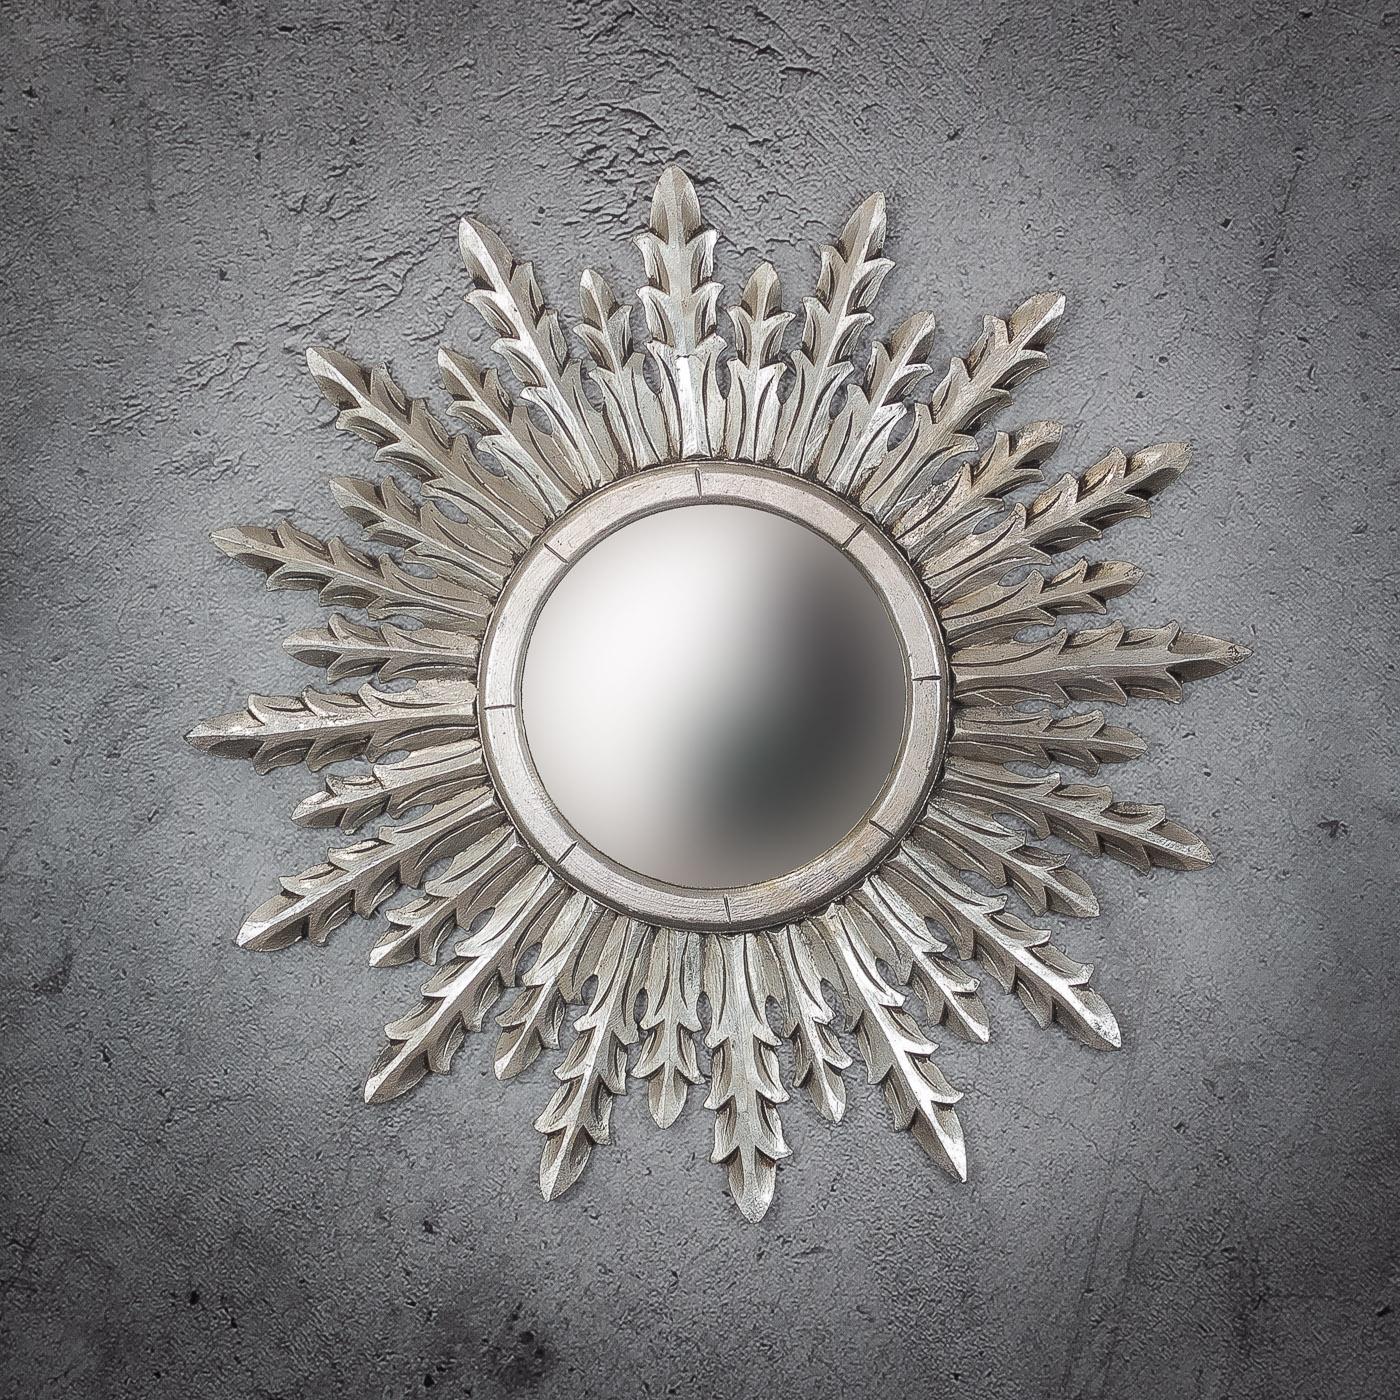 Espejo de pared decorativo Urban Surya de 80cm SL de 80x80cm. Rococó